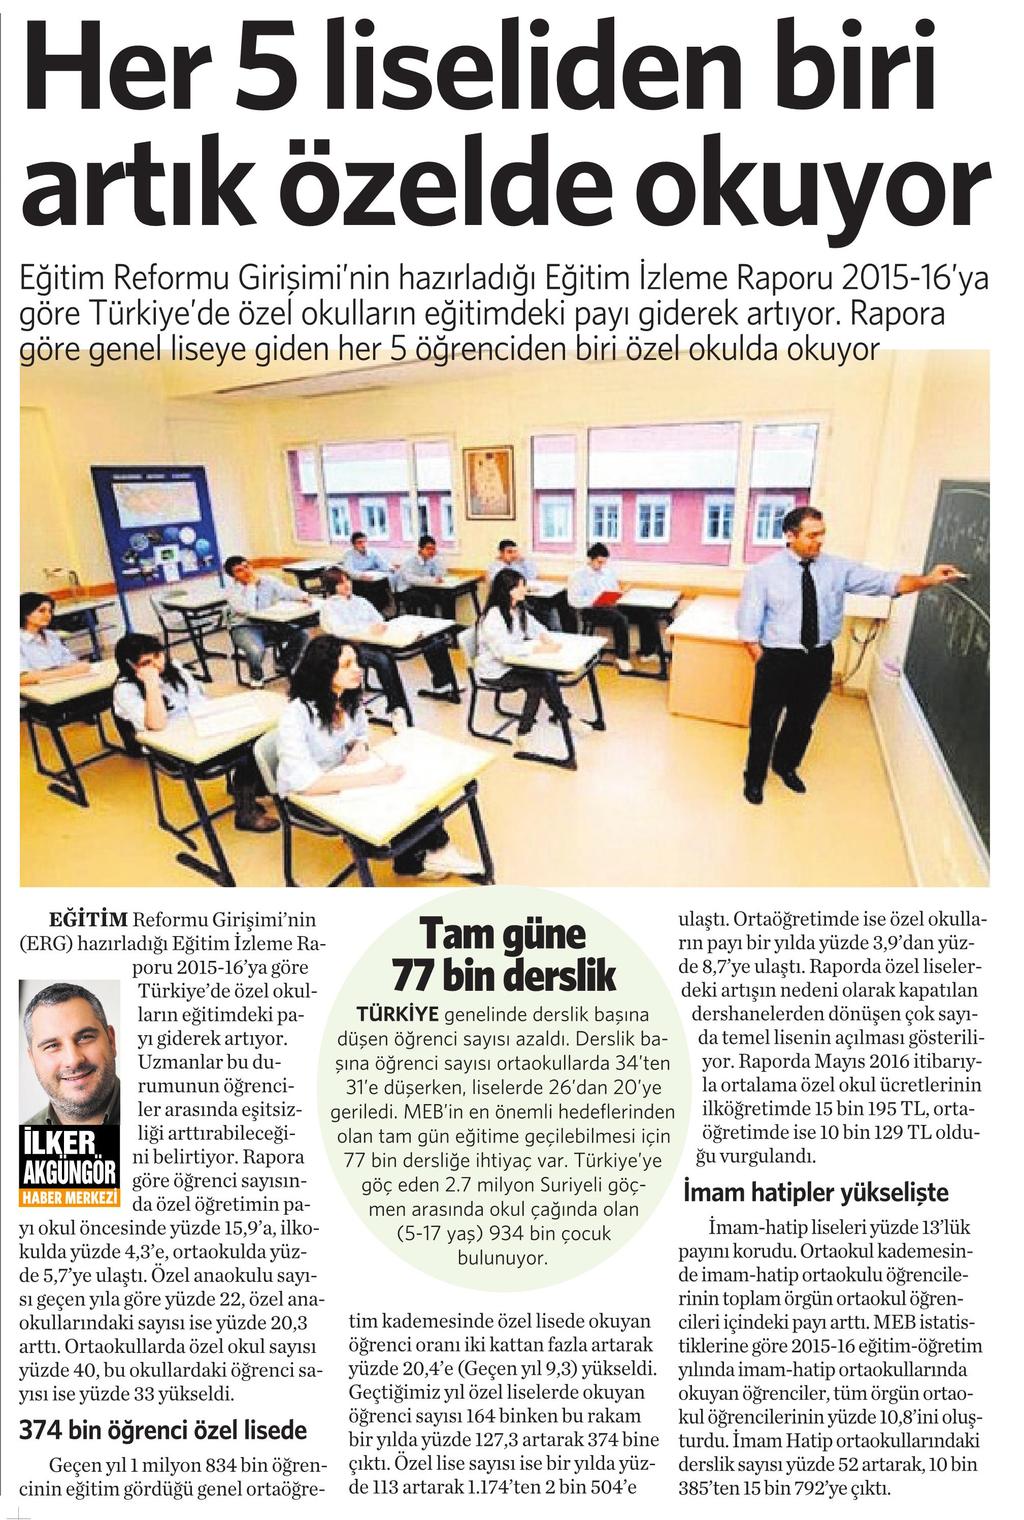 18 Kasım 2016 Vatan Gazetesi 4. sayfa